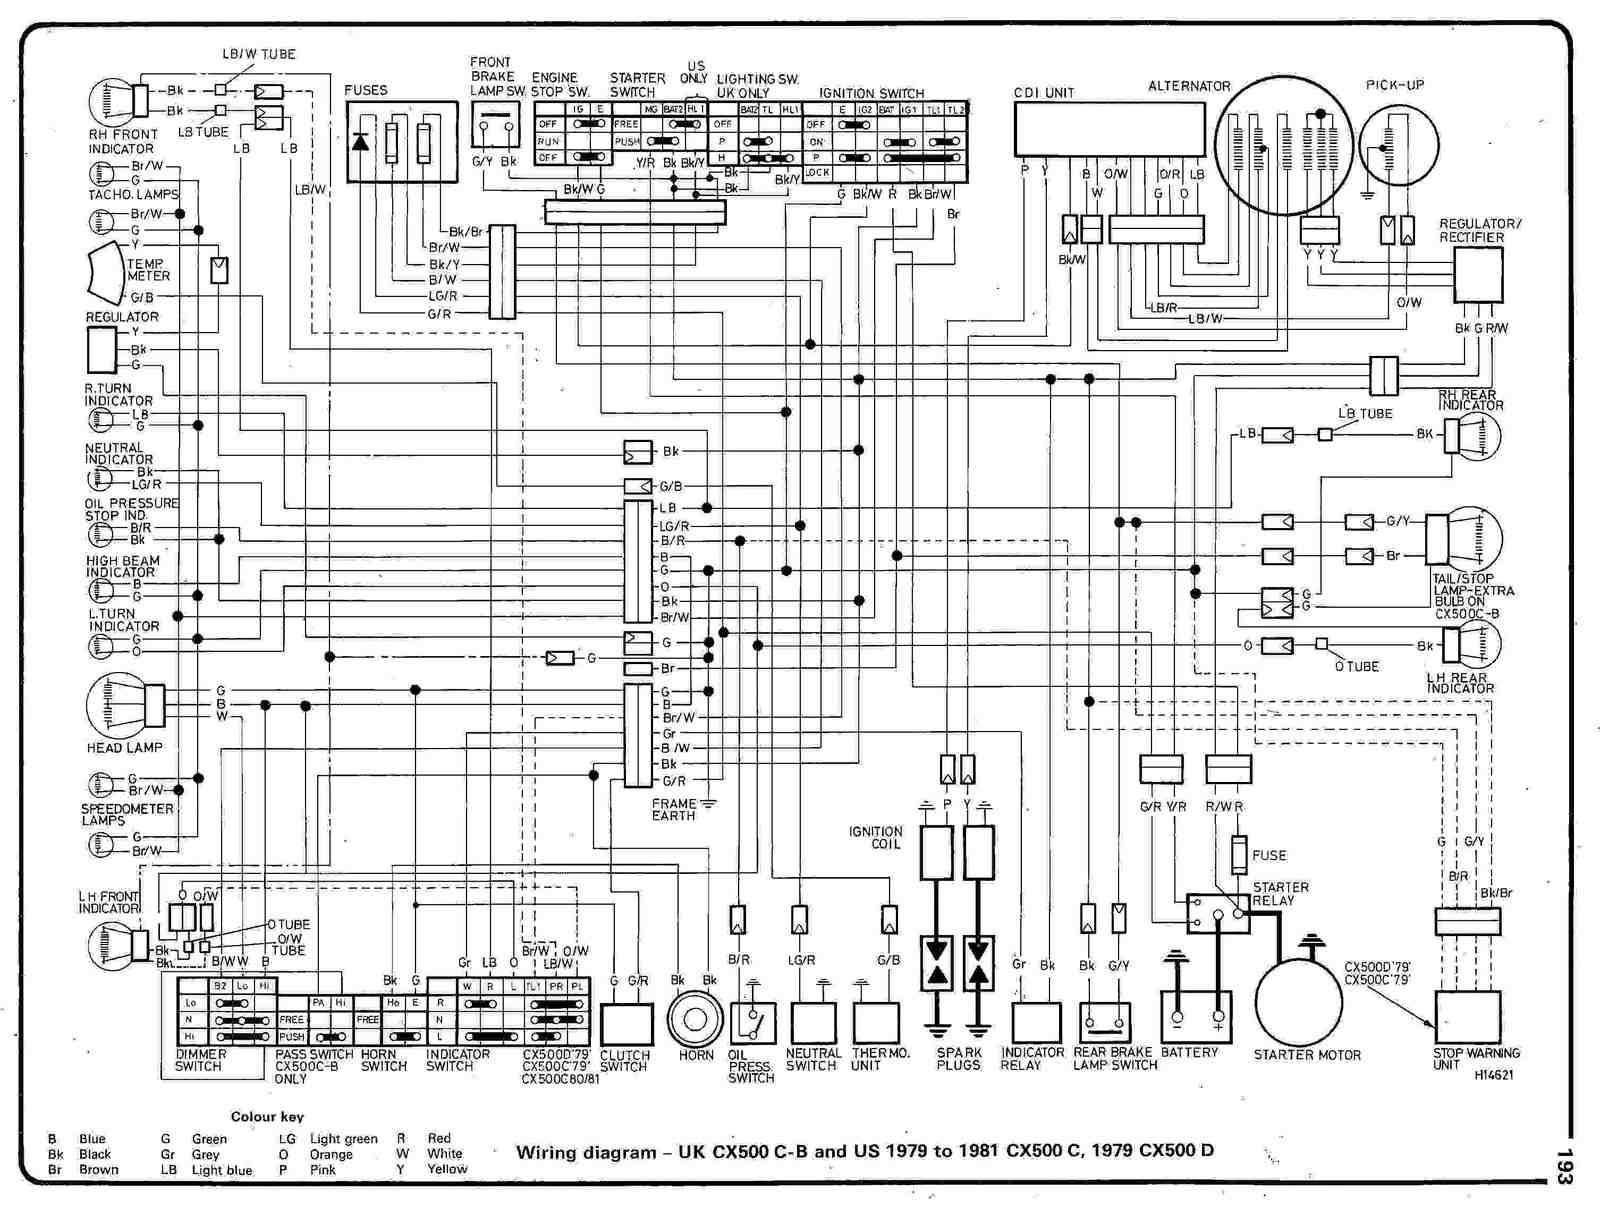 1979 ct90 wiring diagram triumph bonneville t140 honda cx500 engine free image for